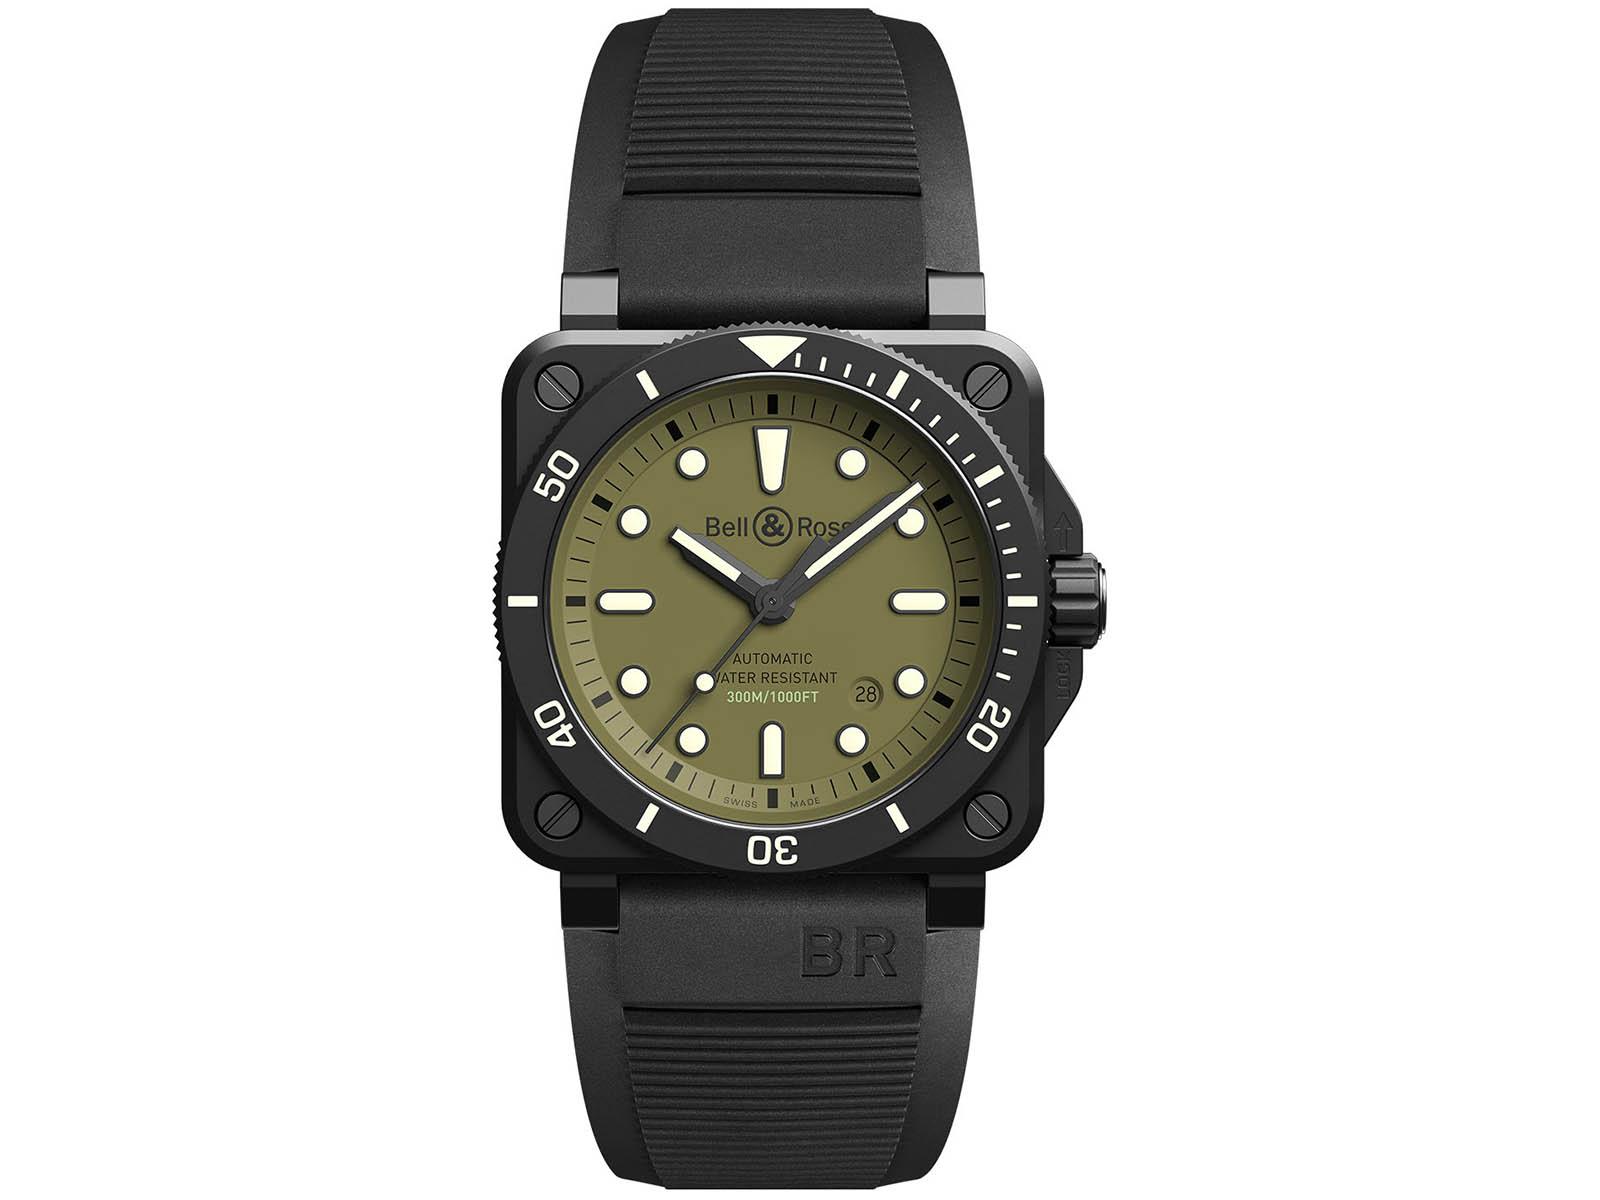 br0392-d-ka-ce-srb-bell-ross-br-03-diver-military-6.jpg